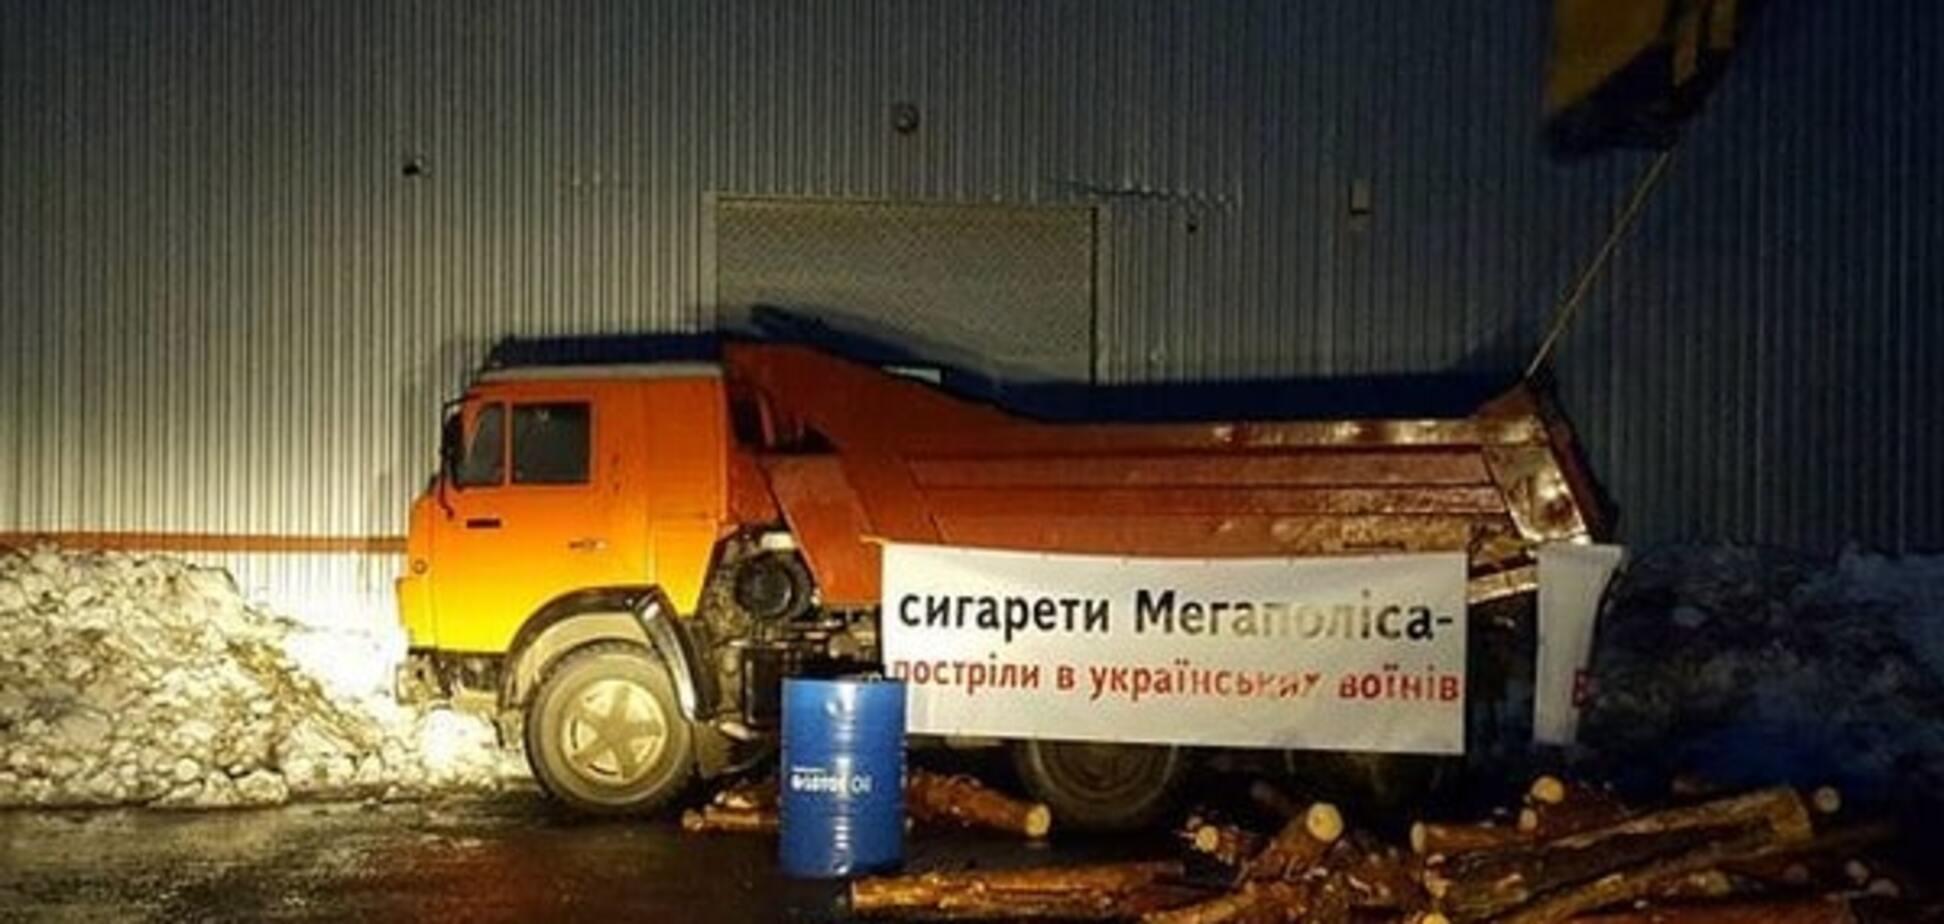 Активисты заблокировали бизнес ФСБ уже в шести городах Украины